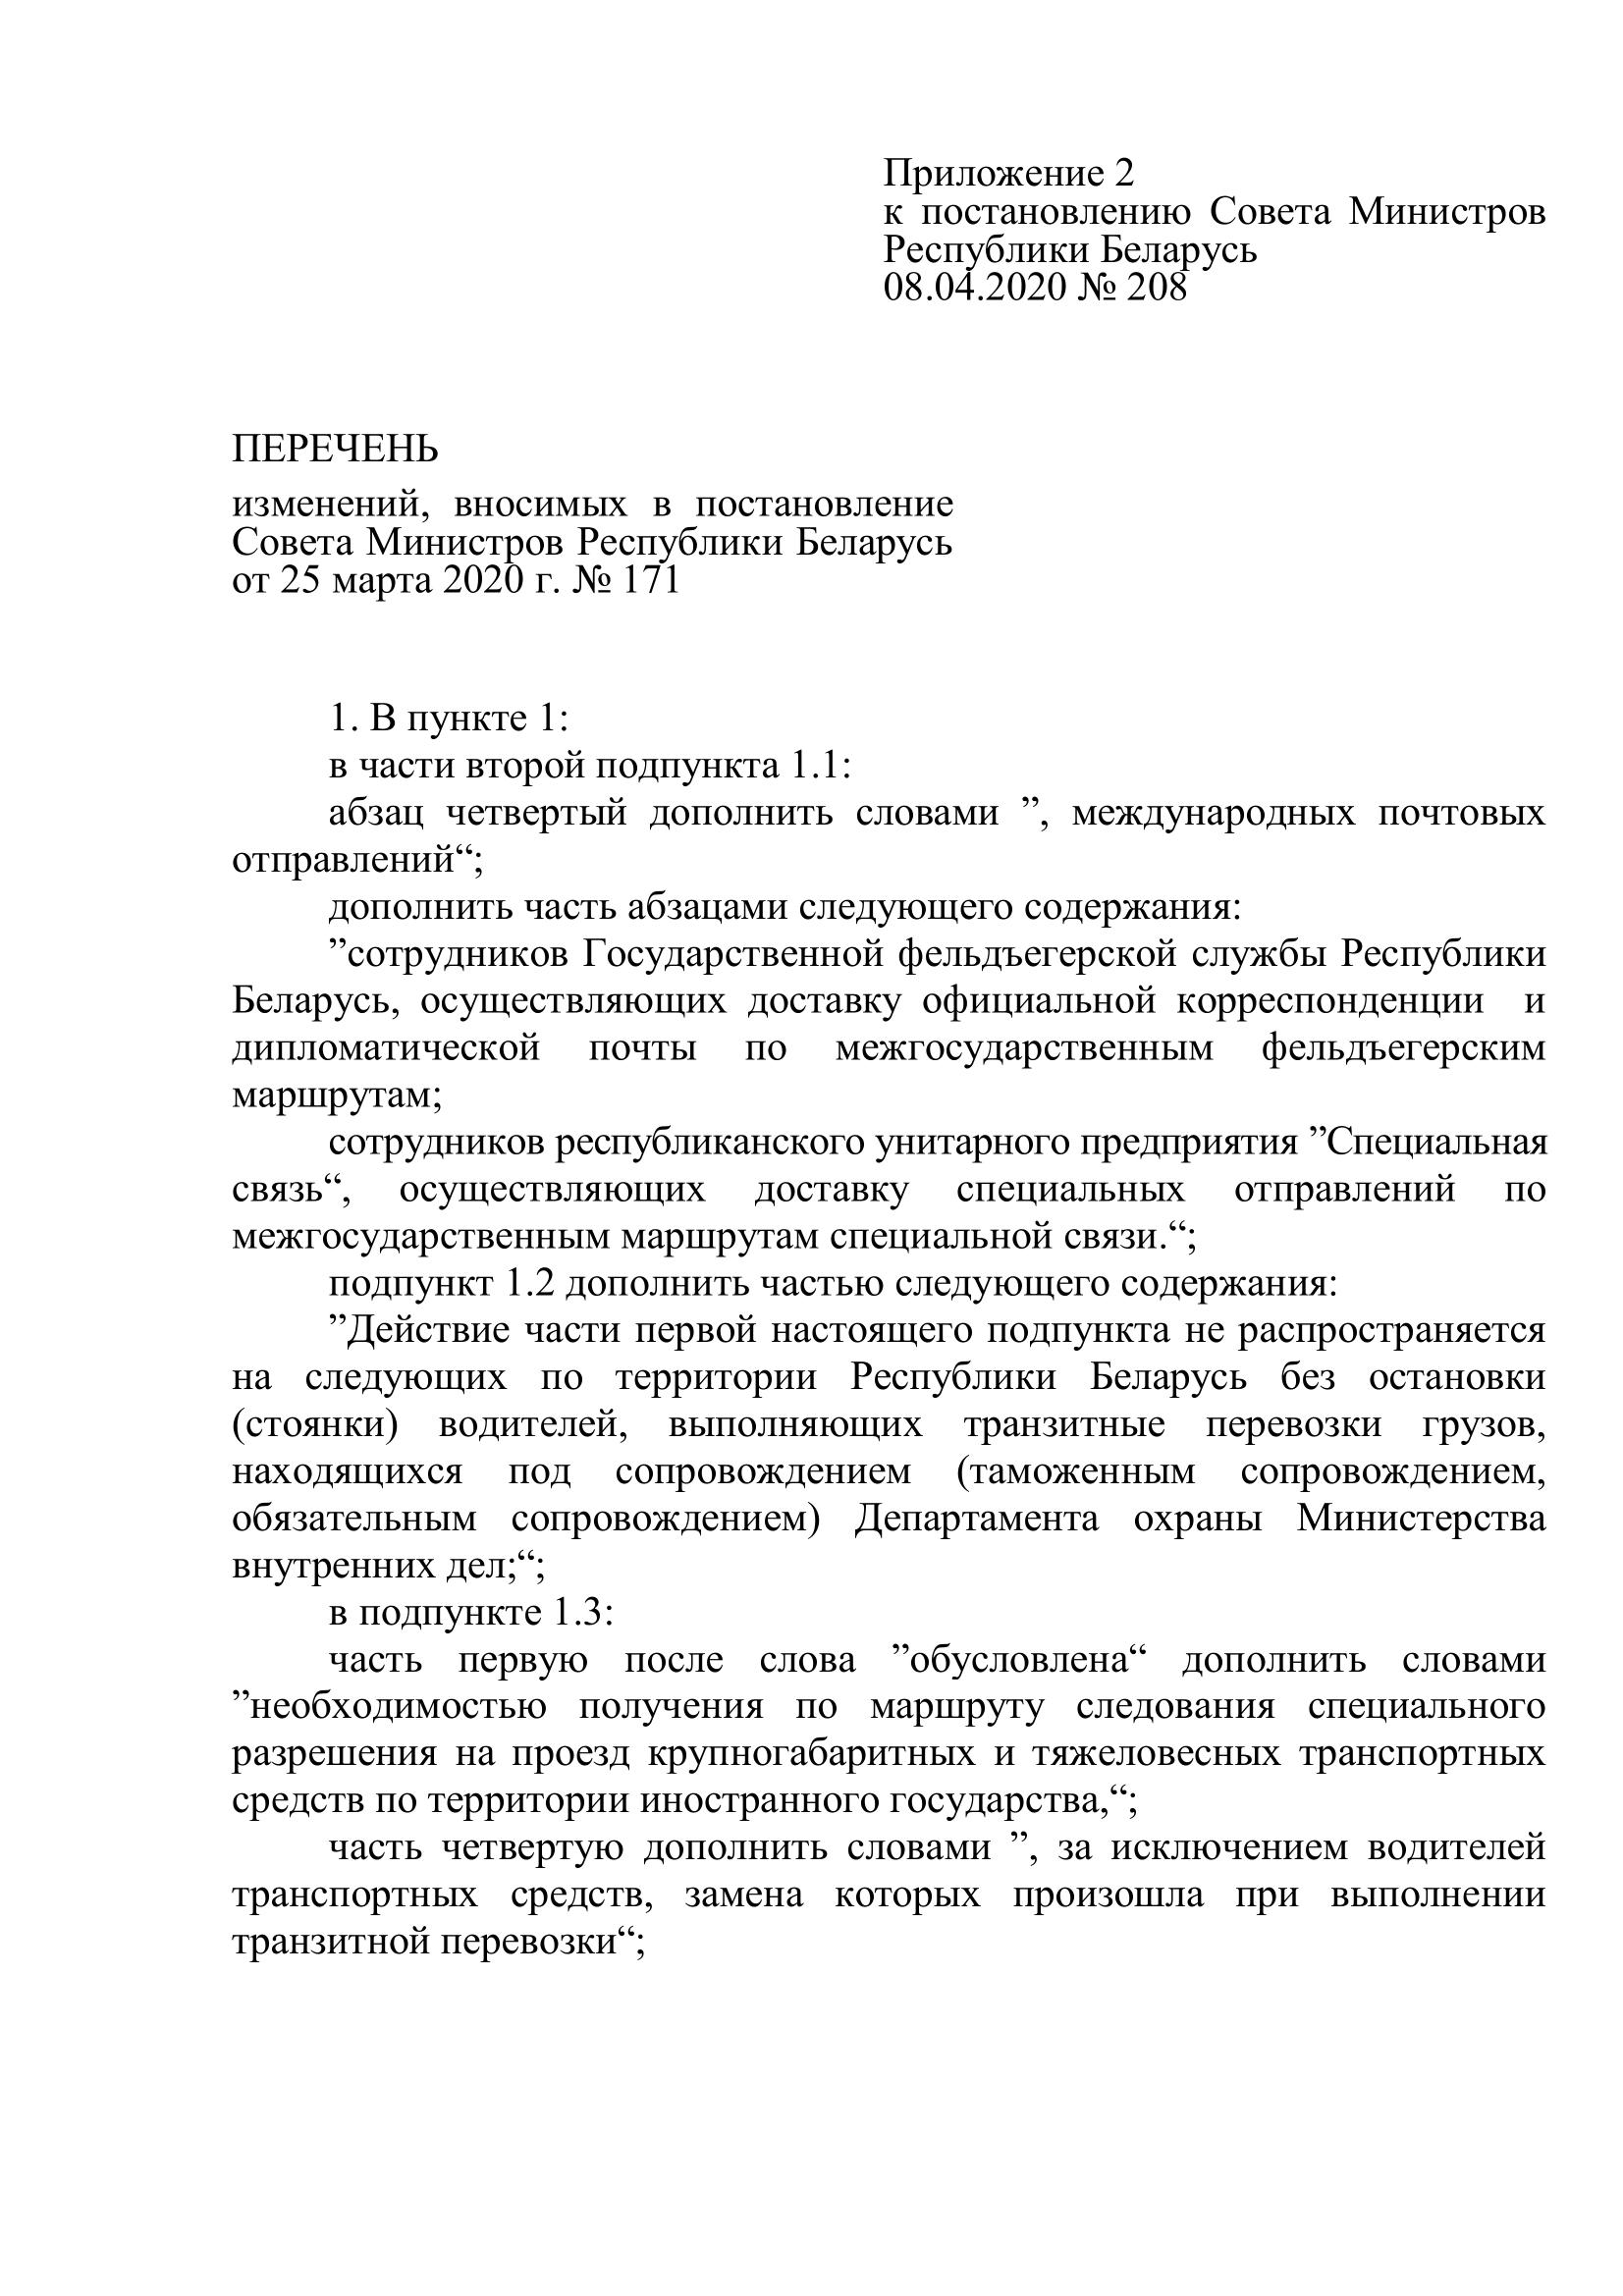 Постановление Совета Министров Республики Беларусь от 8 апреля 2020 г. № 208 «О введении ограничительного мероприятия»